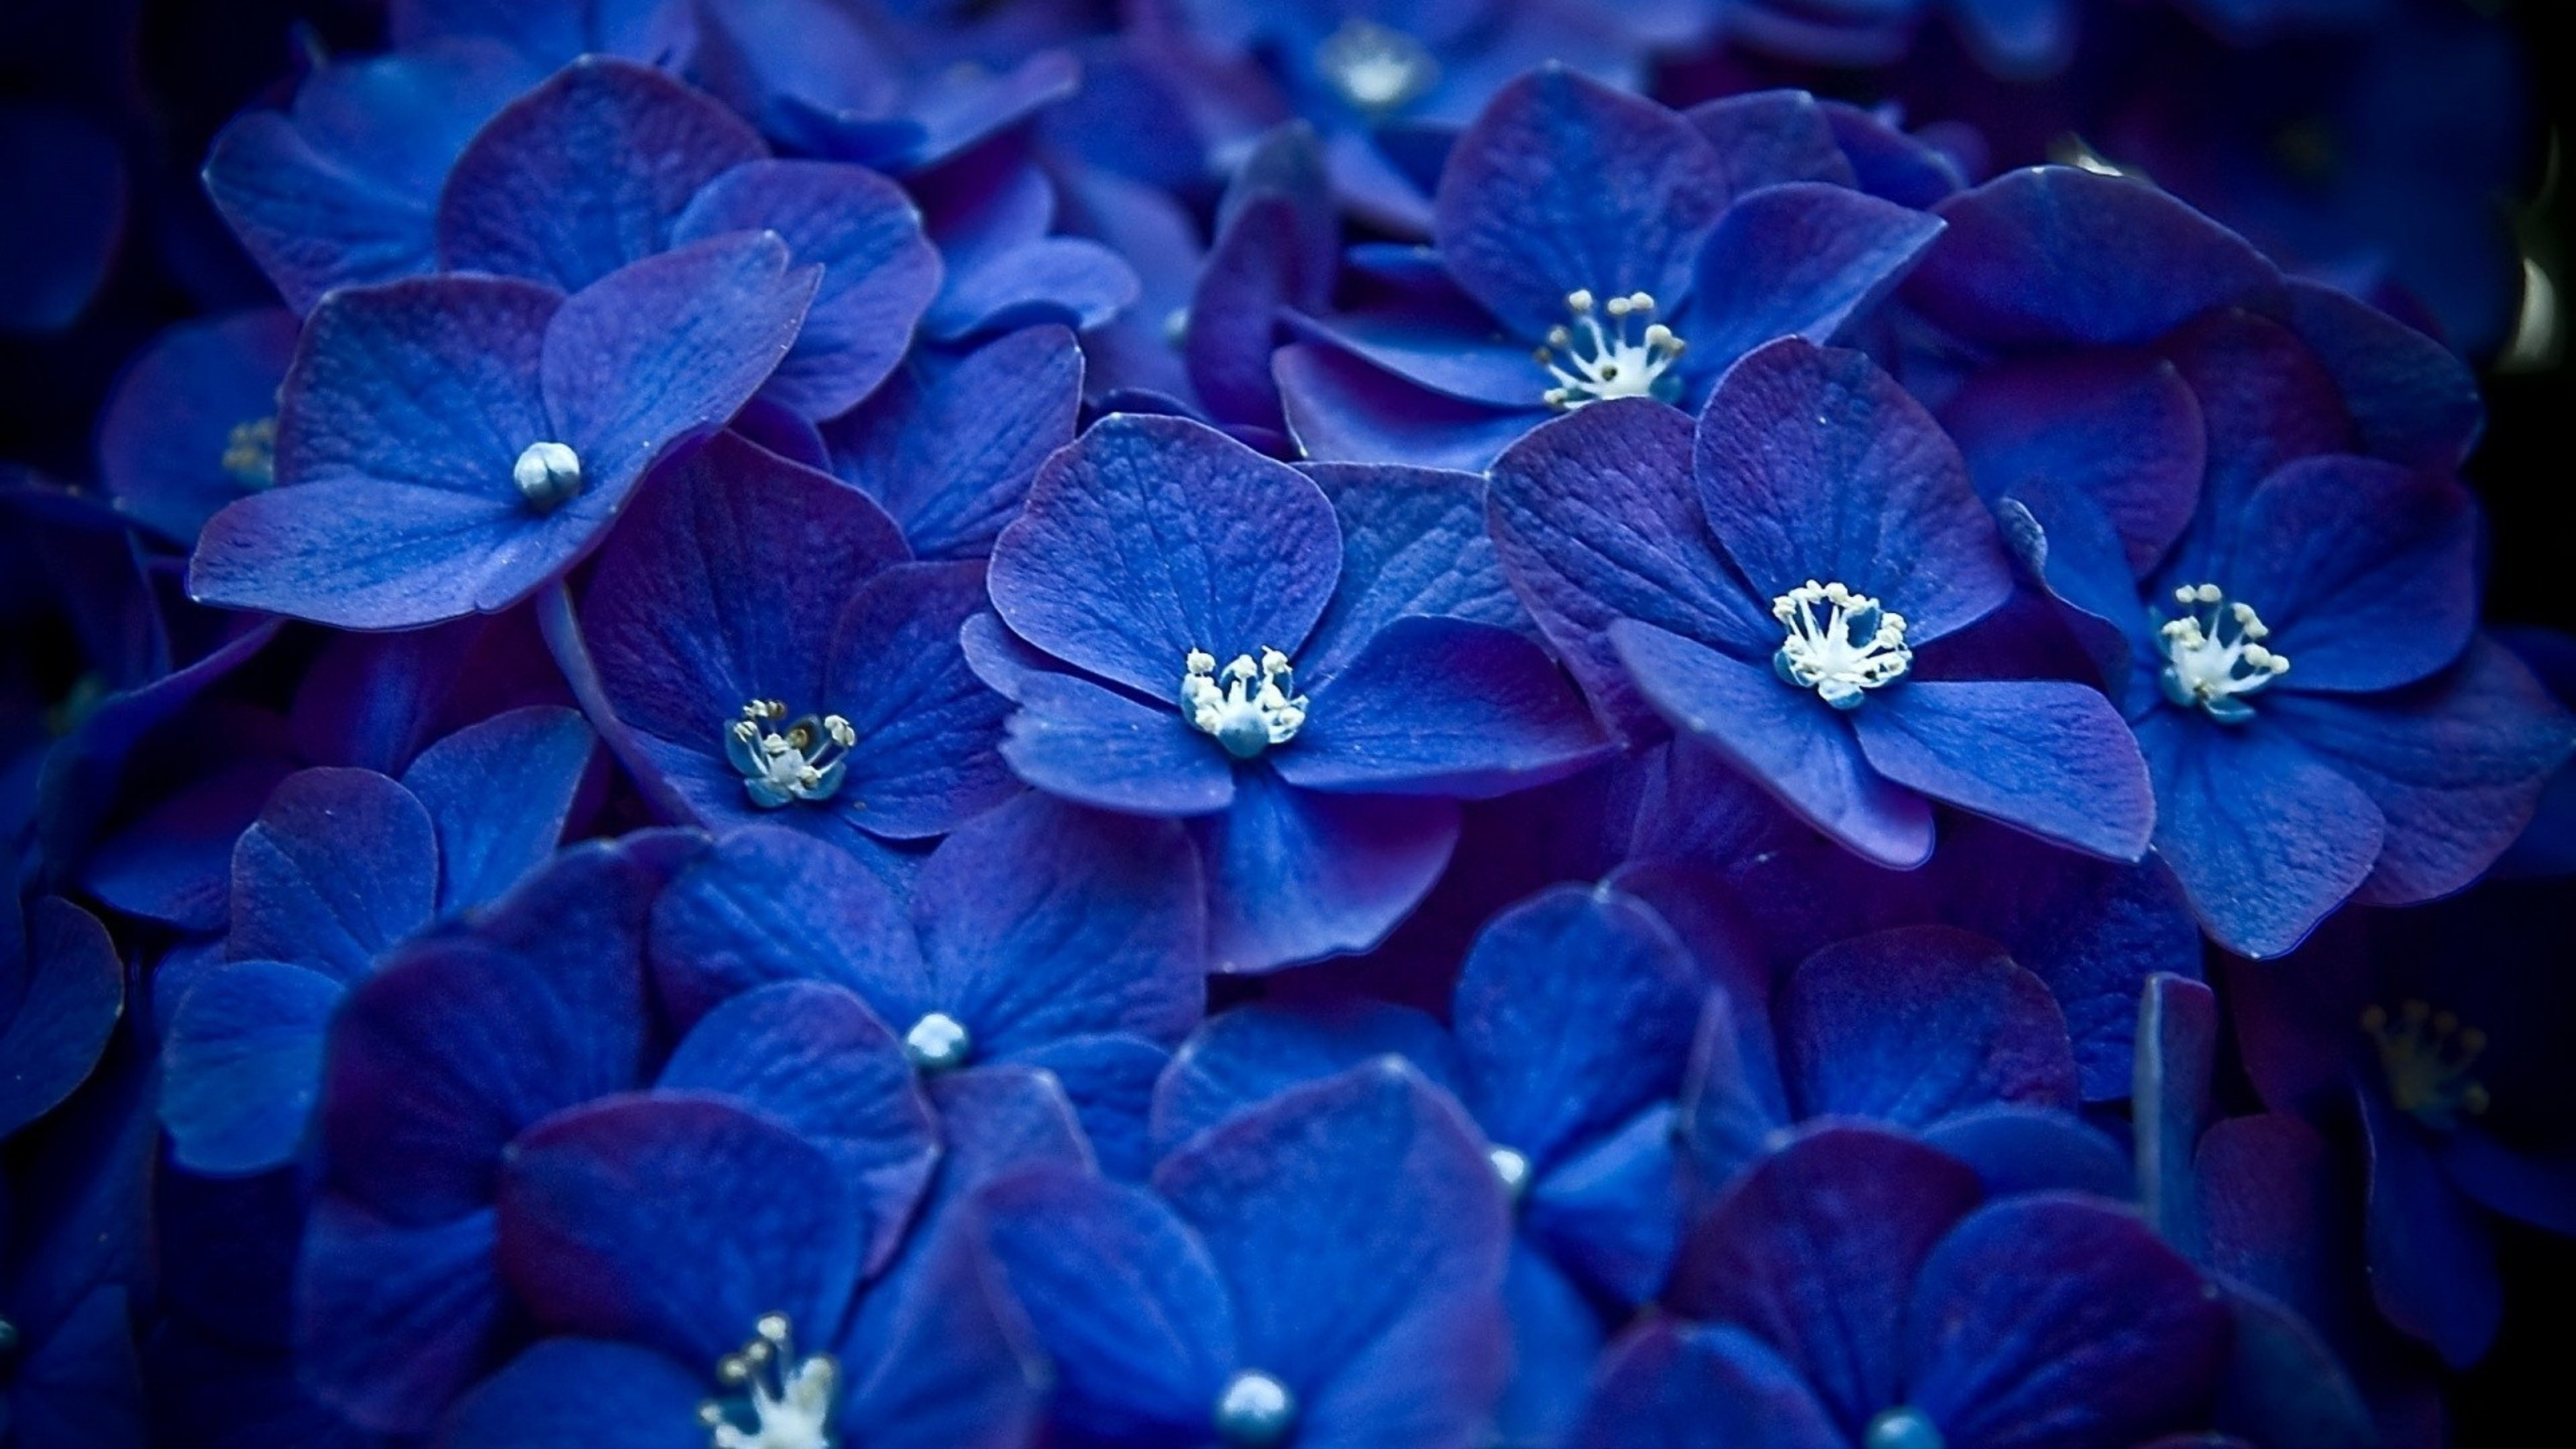 Hydrangea Blue Flower, HD Flowers, 4k Wallpapers, Images ...  Blue